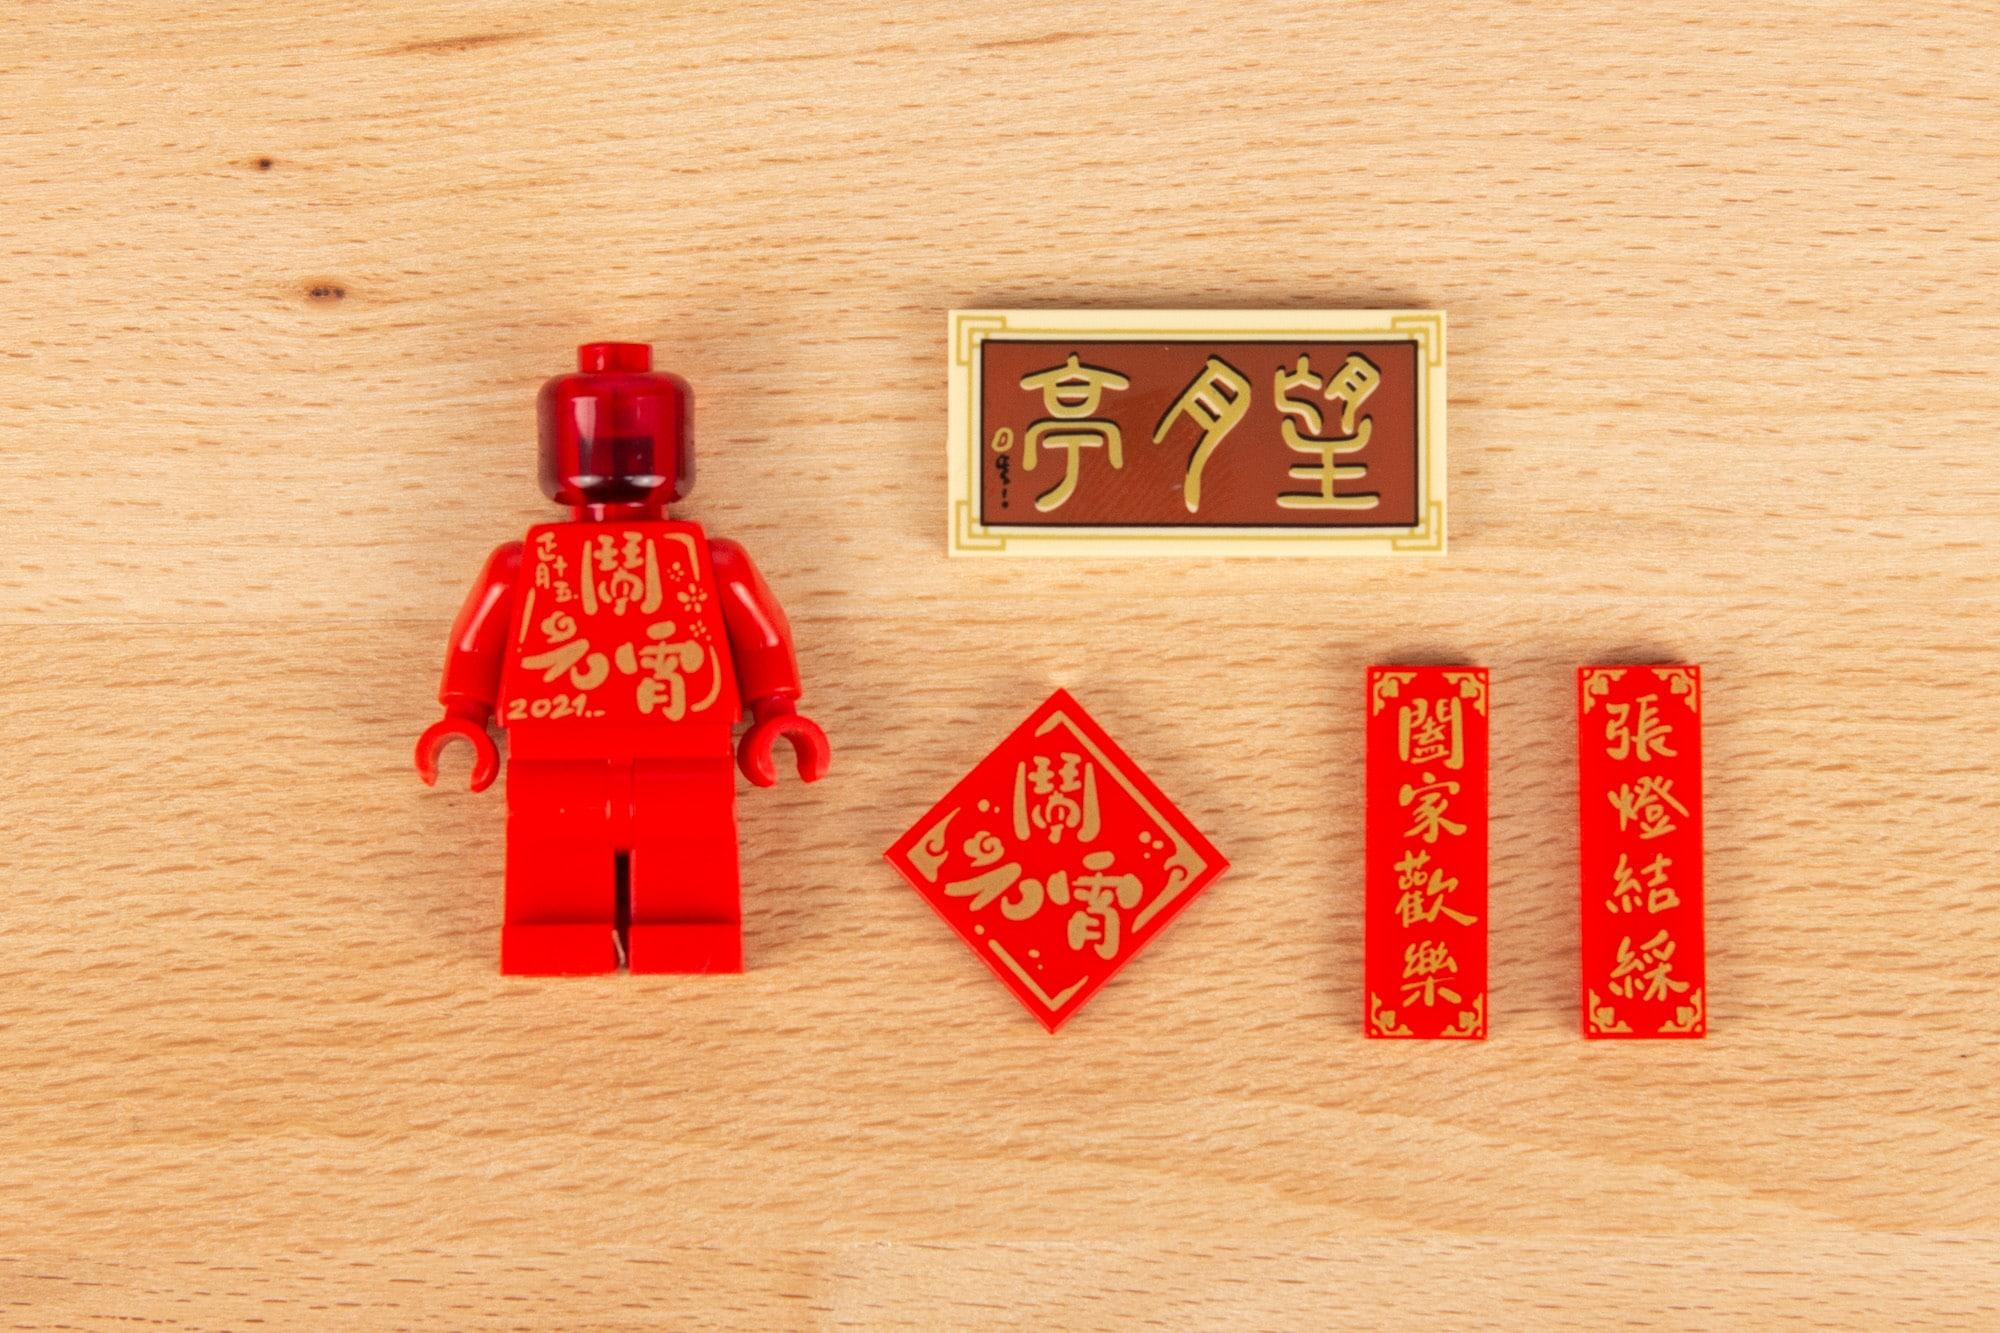 LEGO 80107 Fruehlingslaternenfest Chinesisches Neujahr 79